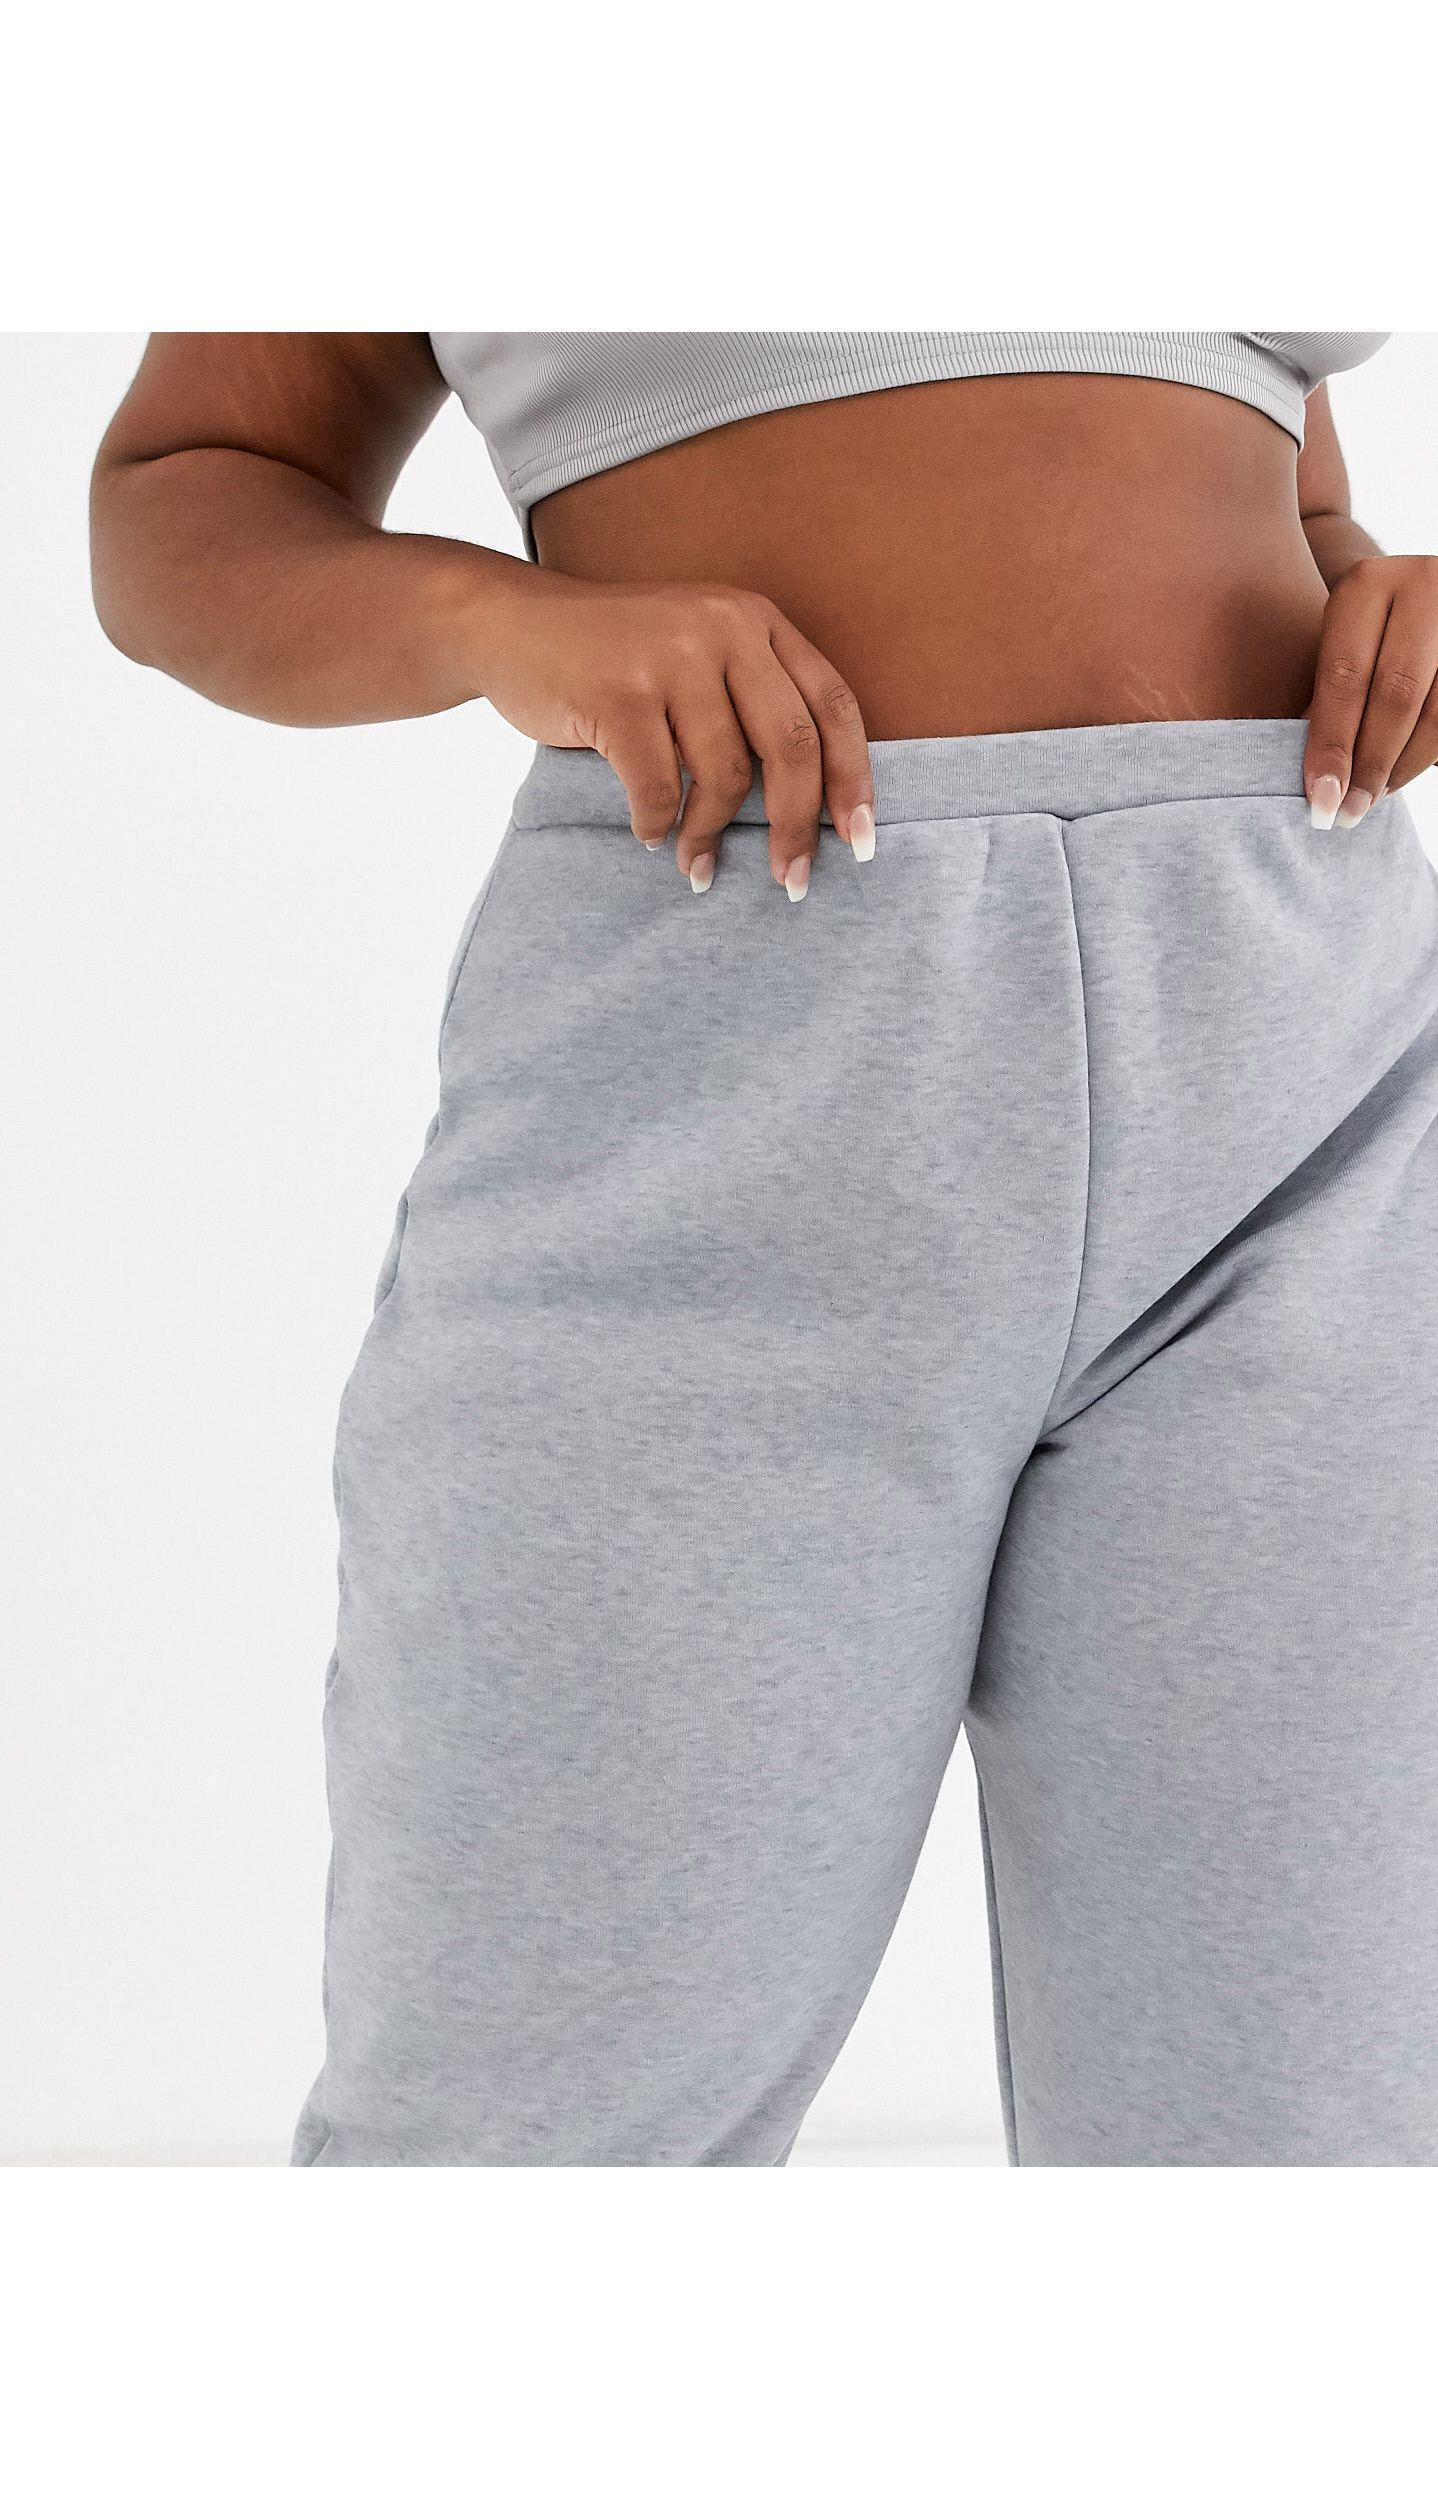 Jogger gris Fashionkilla de Tejido sintético de color Gris